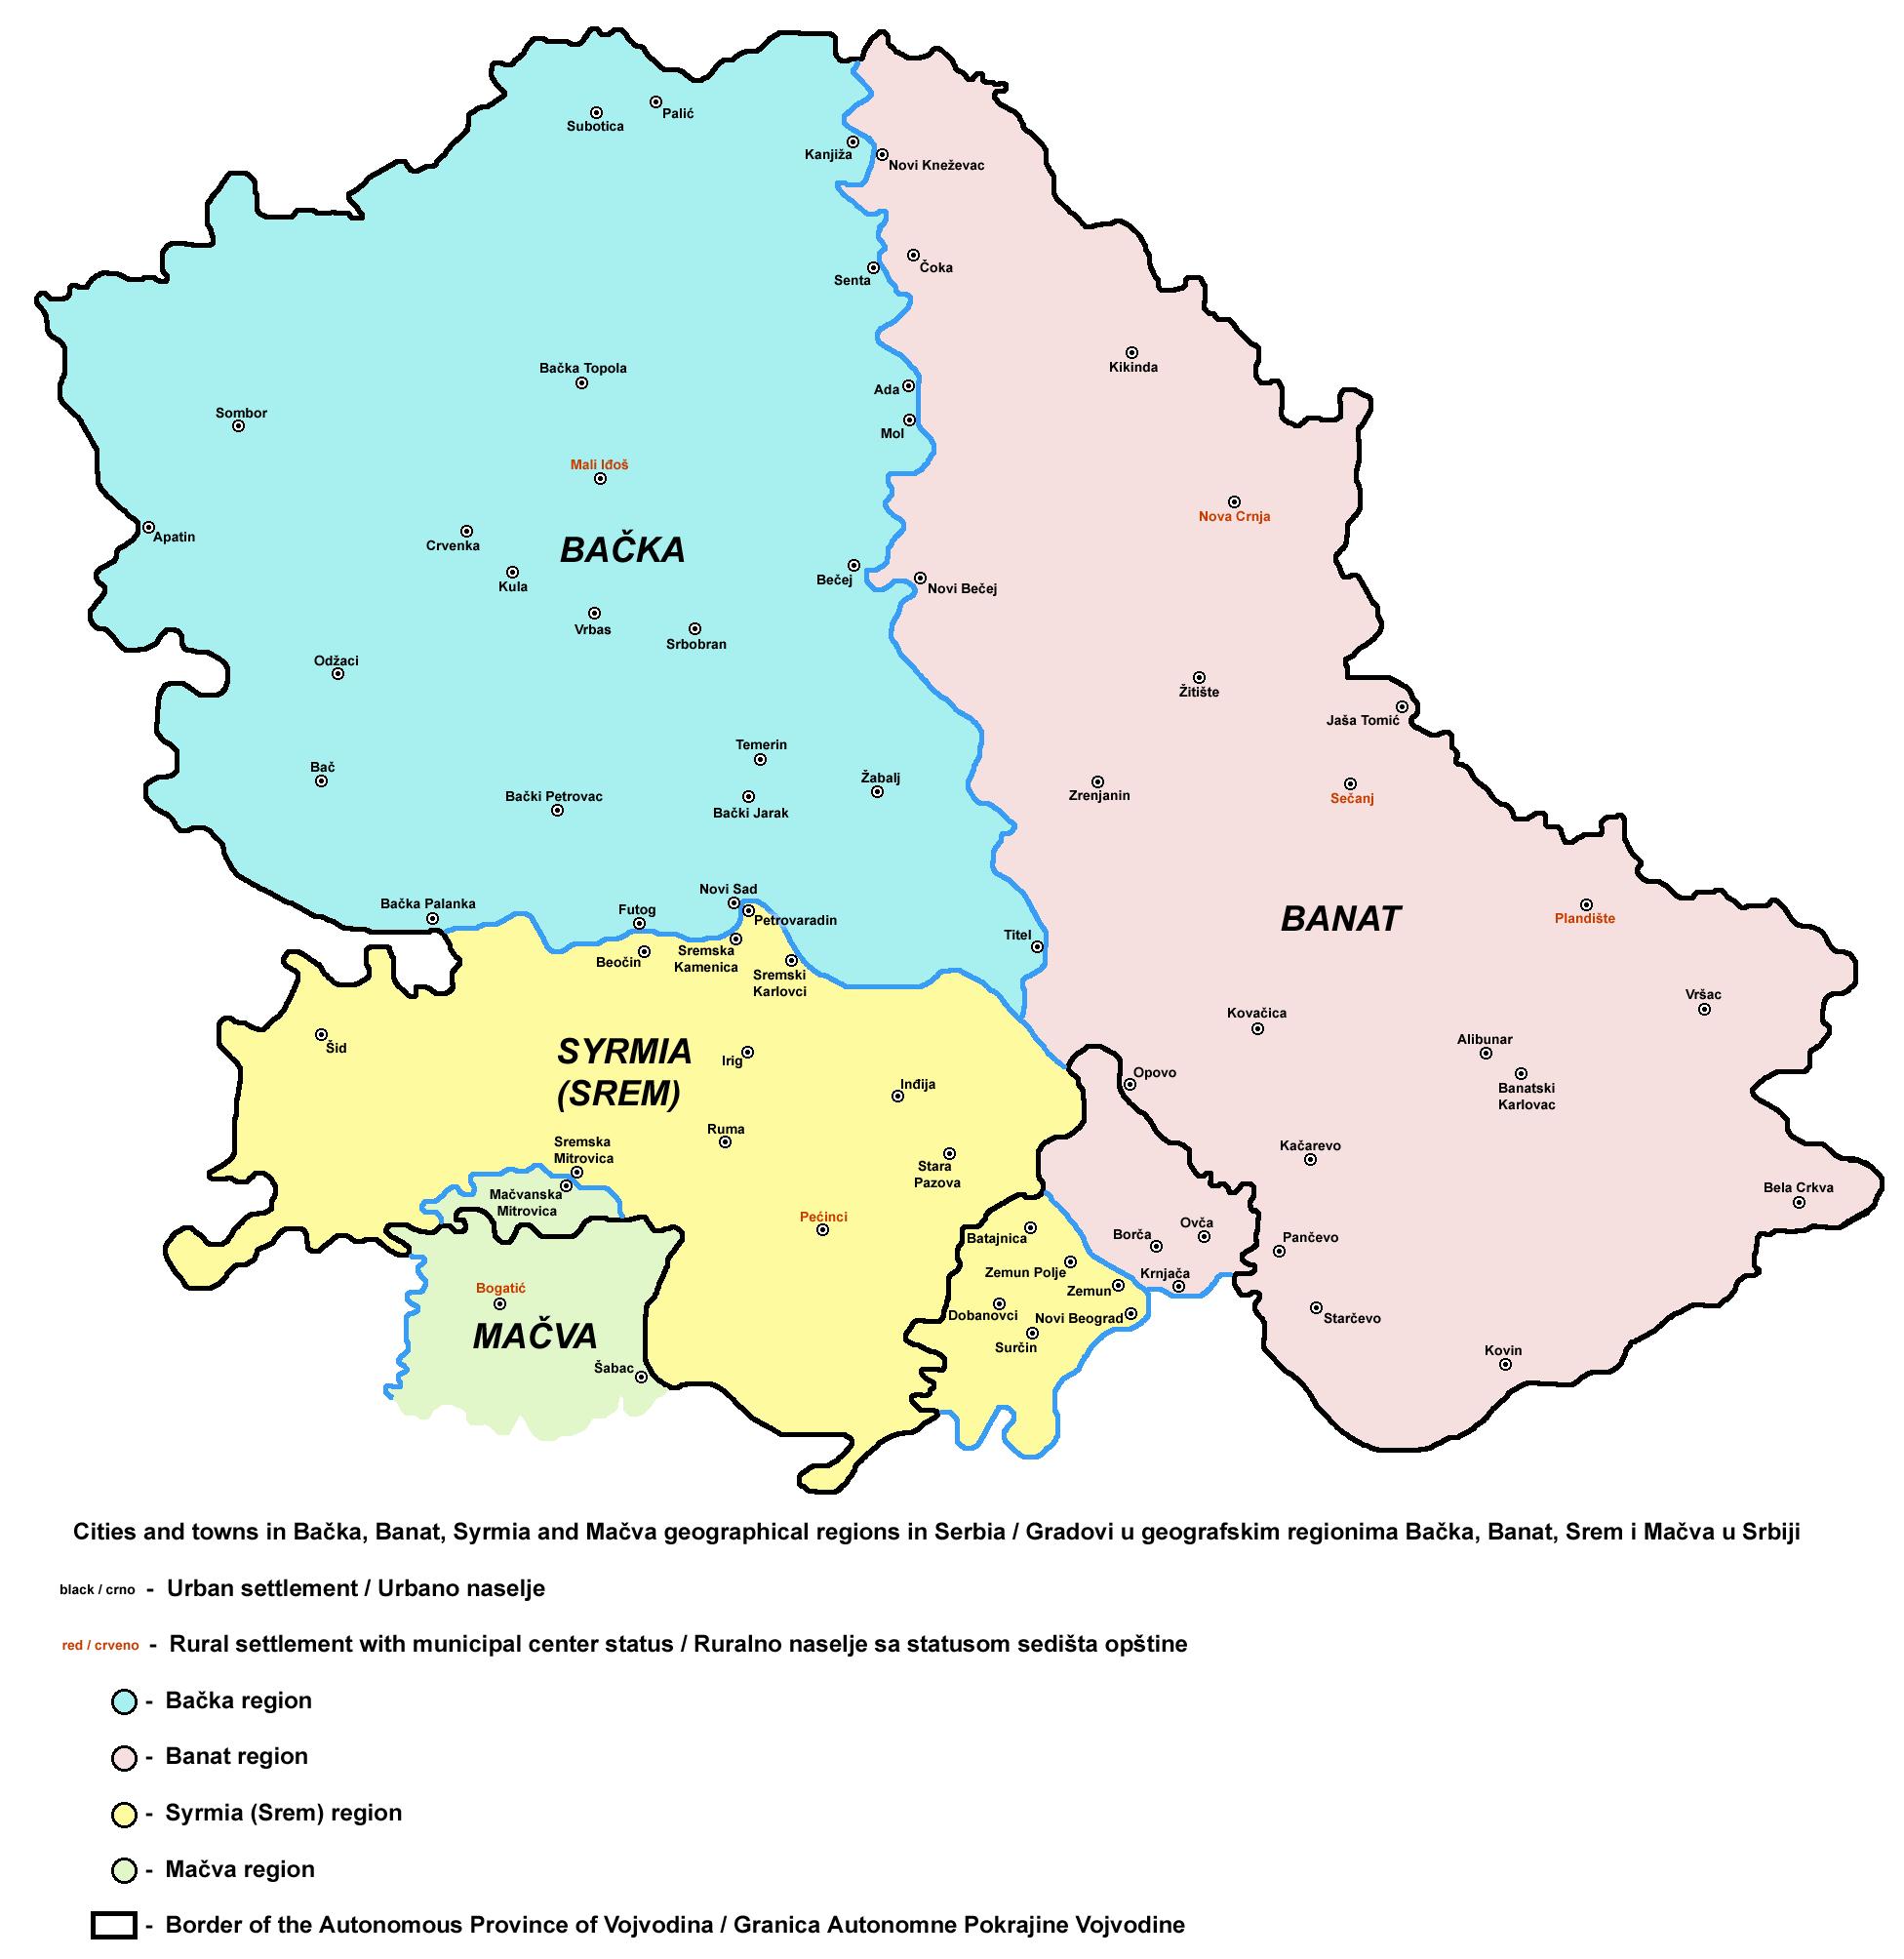 https://i0.wp.com/upload.wikimedia.org/wikipedia/commons/2/24/Vojvodina_gradovi.png